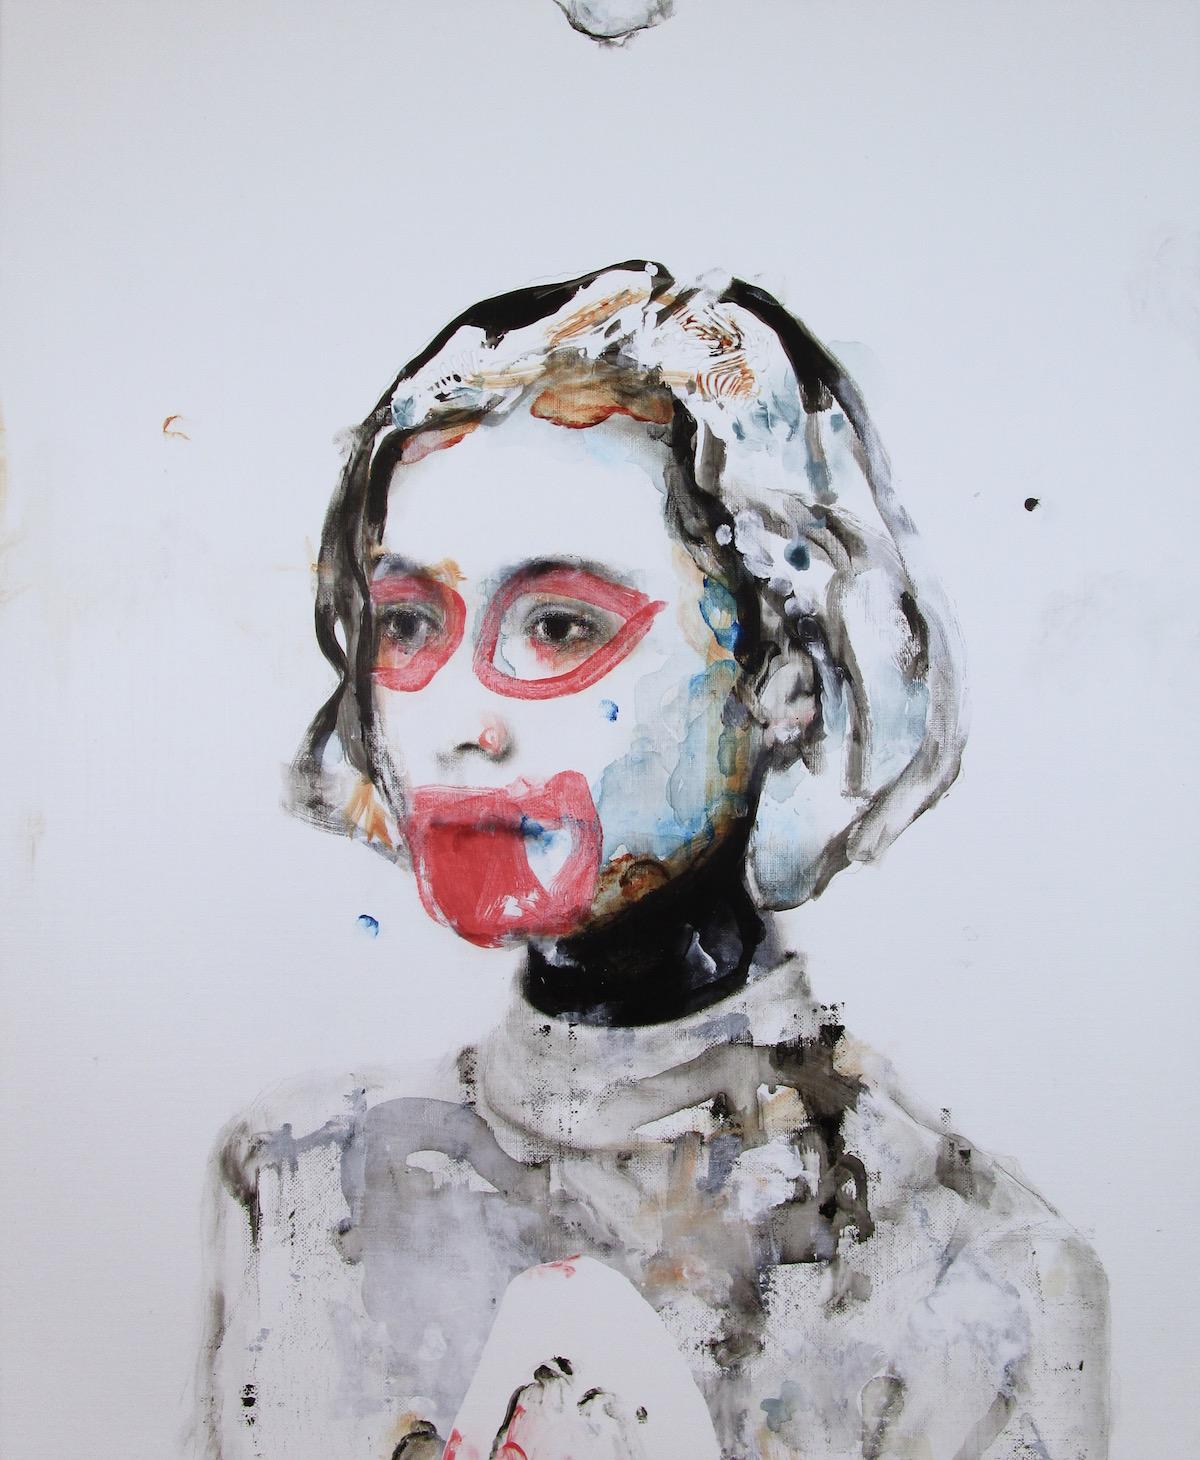 antoine cordet canvas toile peinture painting portrait art artist artiste peintre acrylic oil vcr